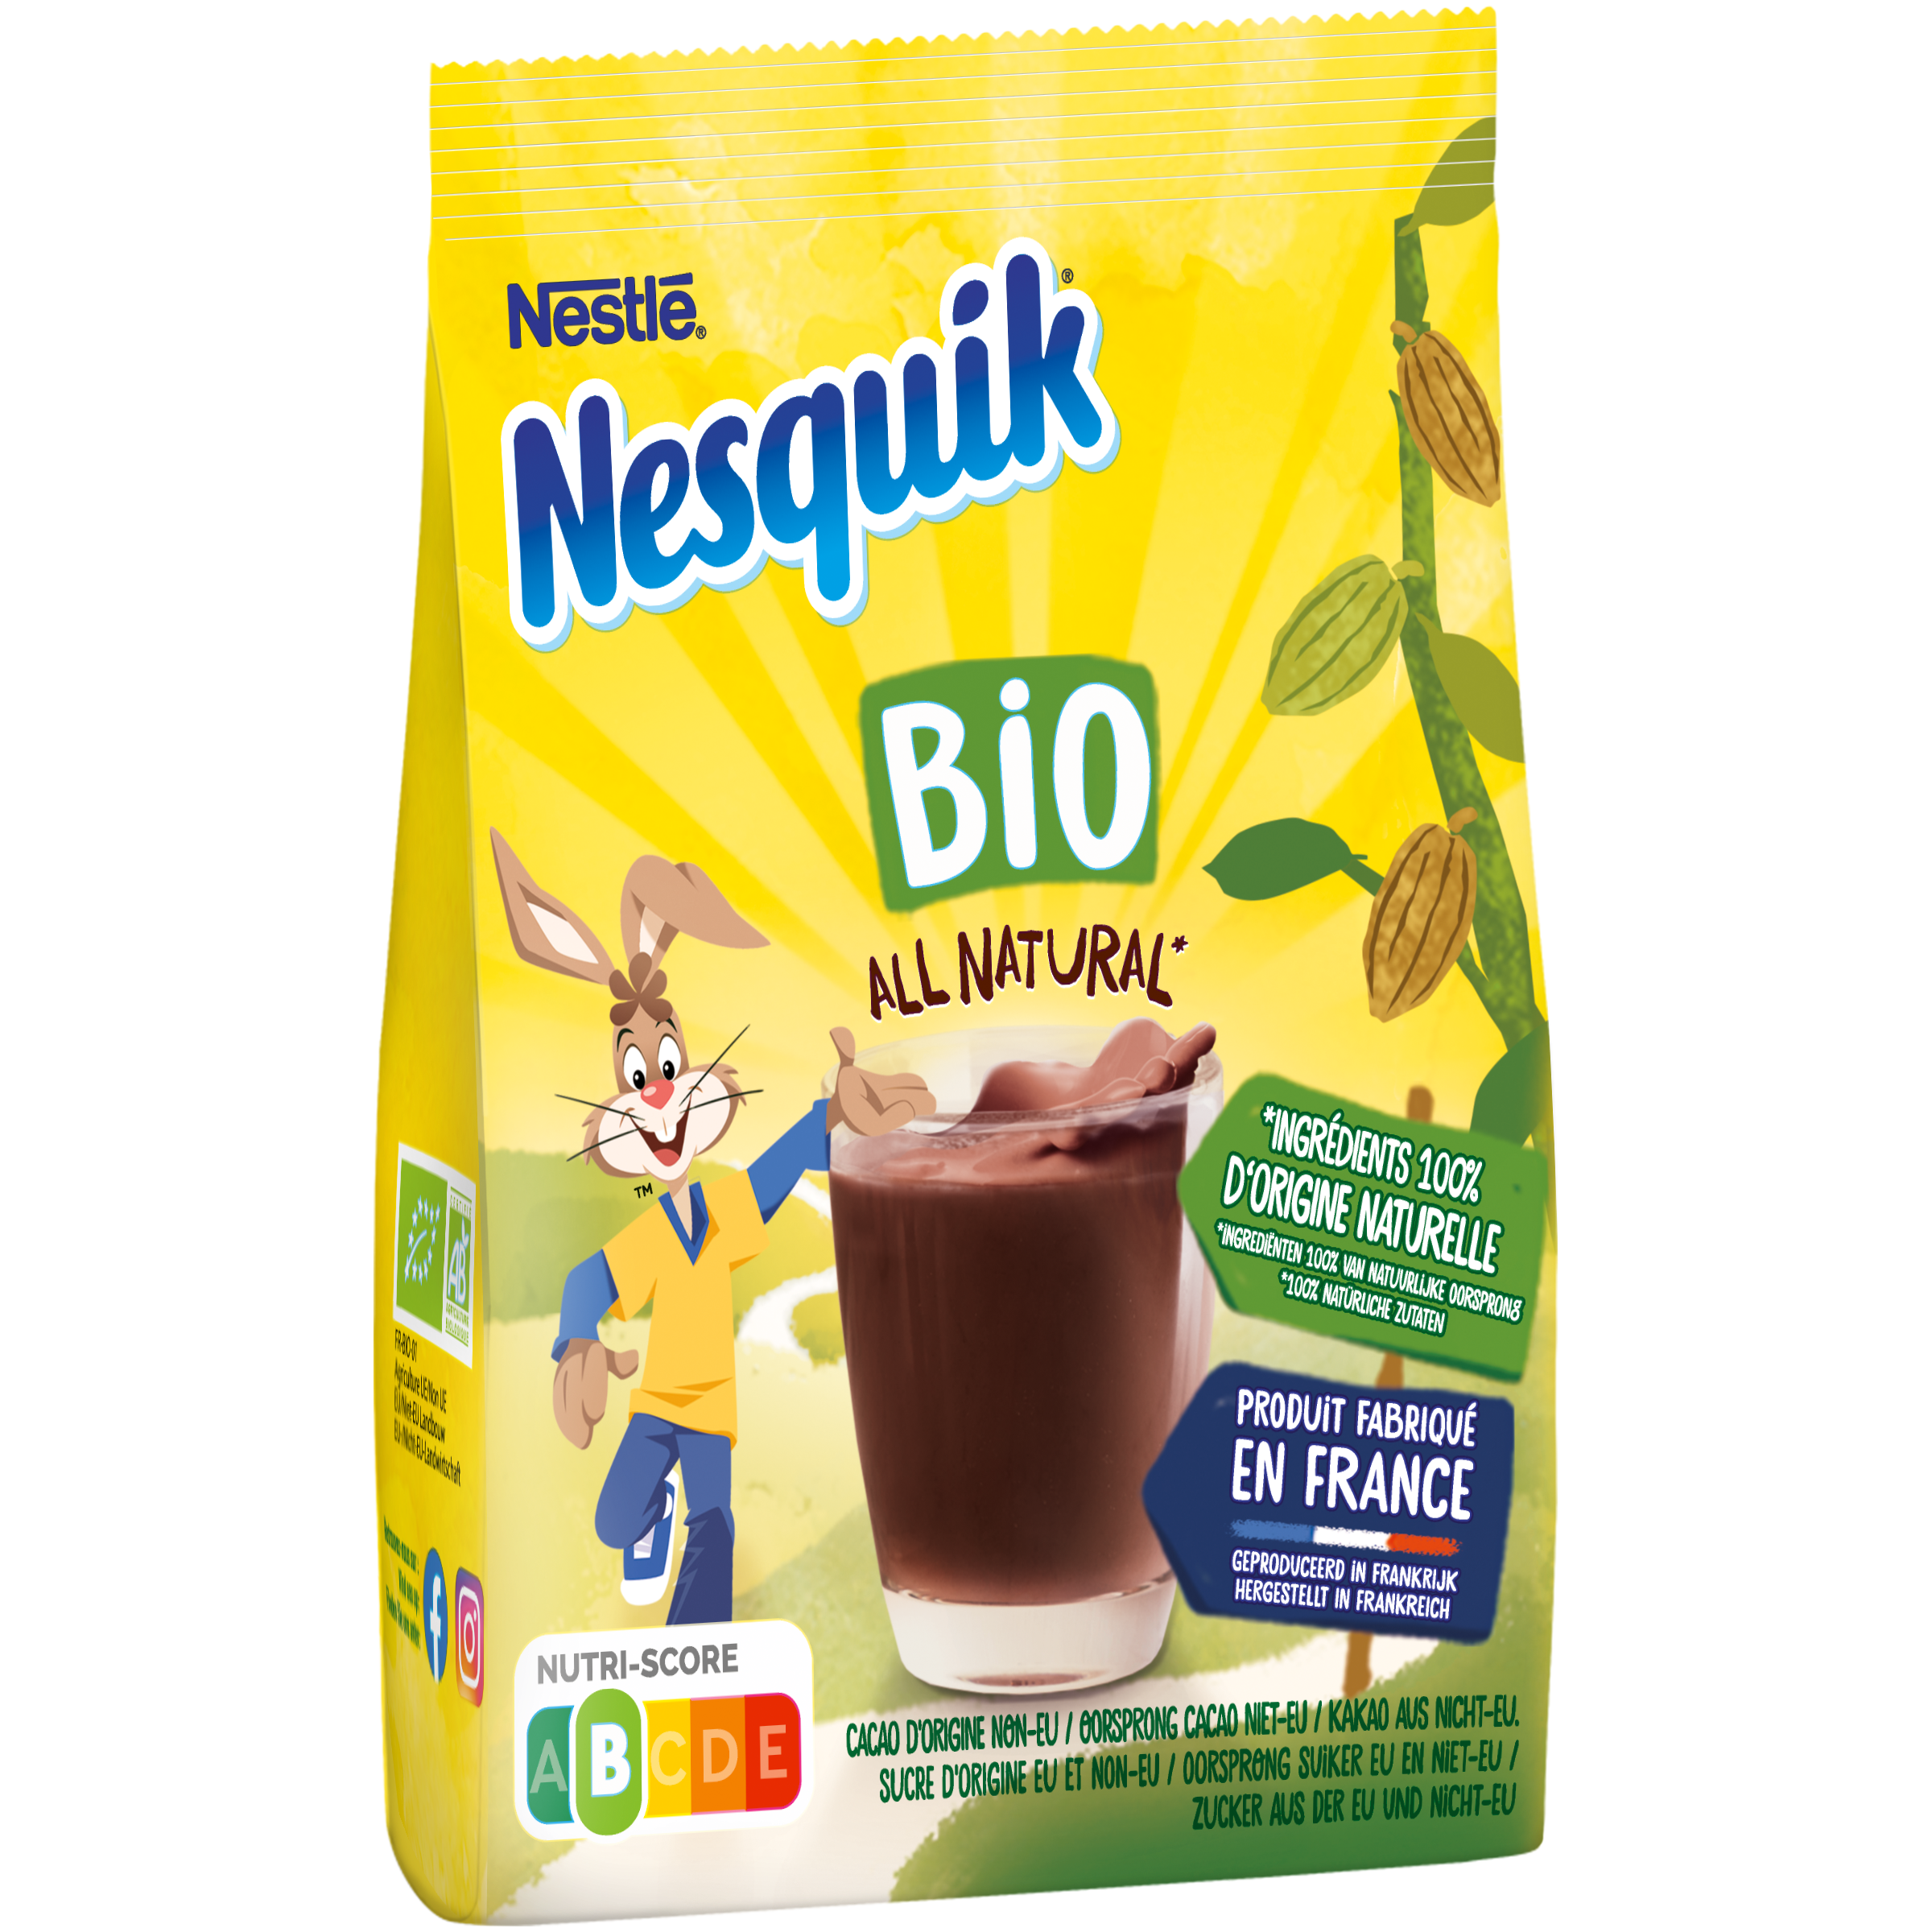 3D Nesquik BIO - Nesquick innove avec deux nouvelles références éco-responsables